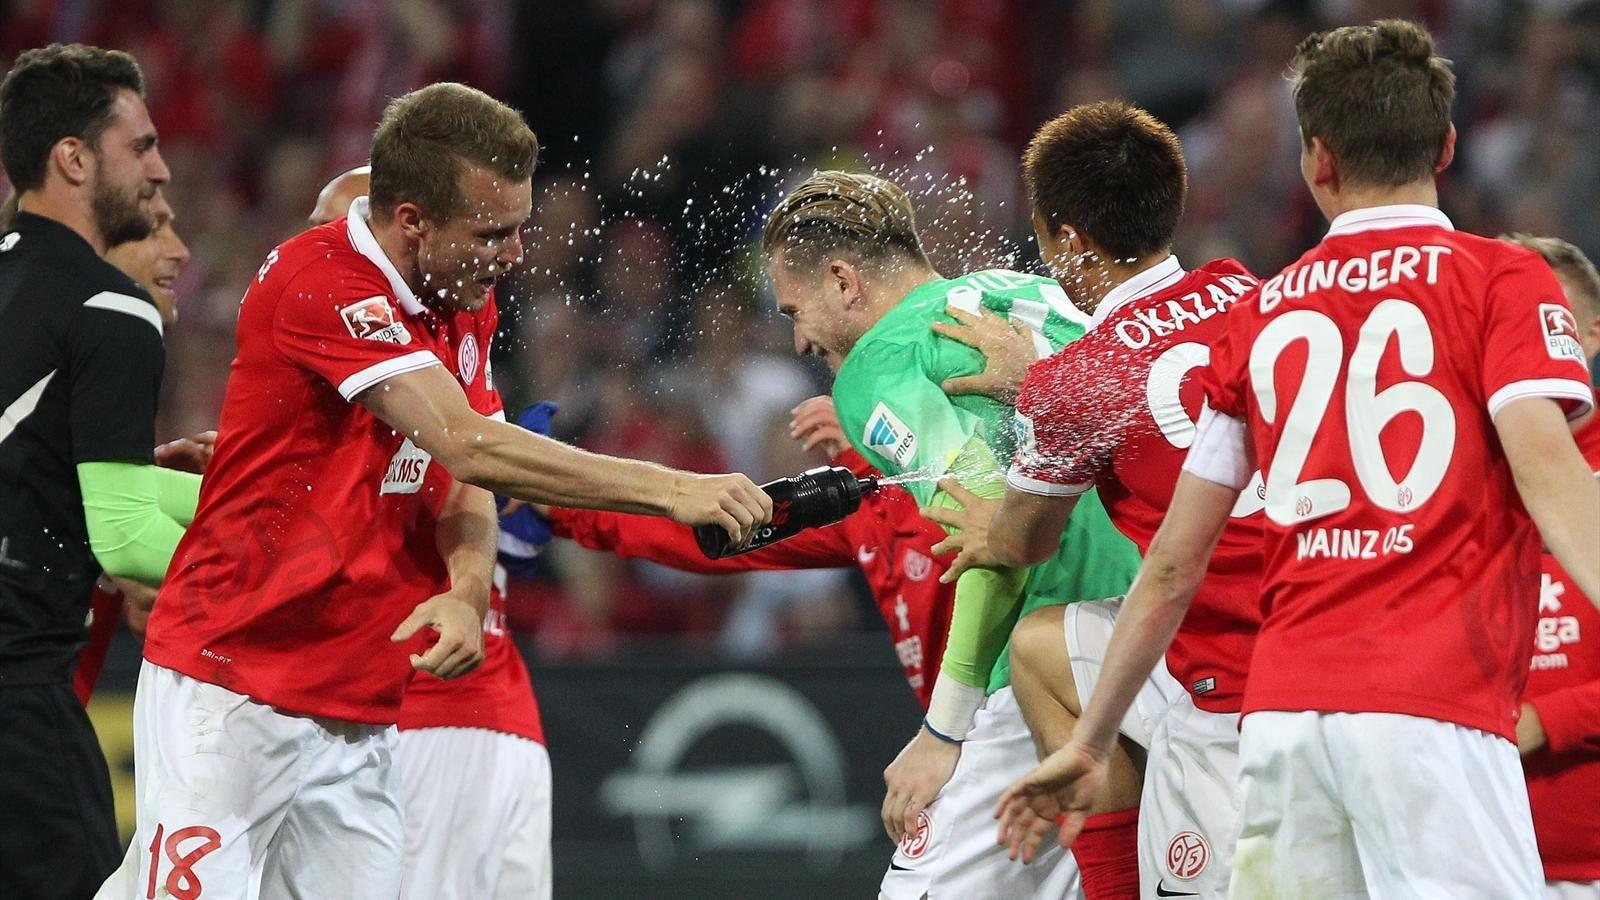 Прогноз на матч Кёльн - Унион Берлин: три очка достанутся Кельну